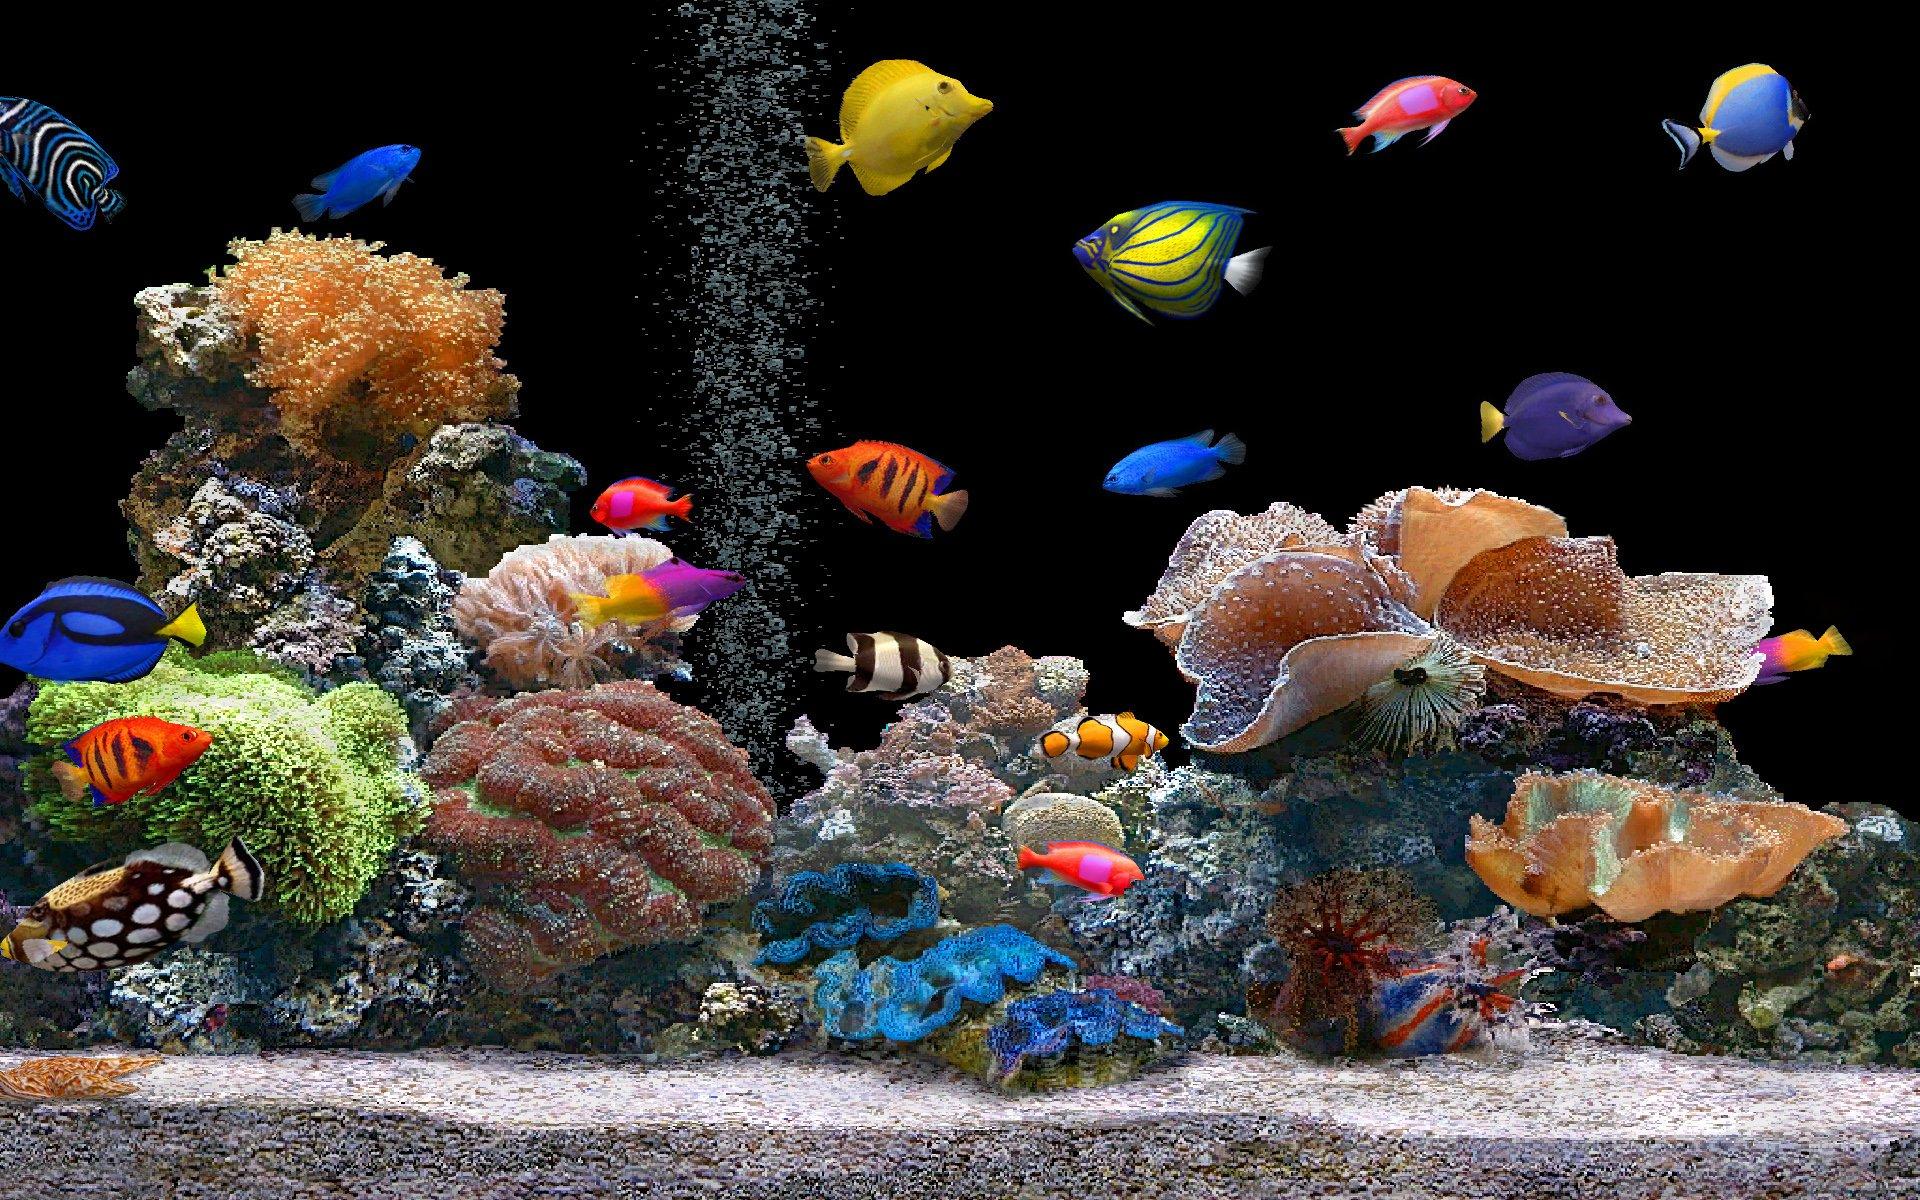 Fish aquarium live wallpaper for pc - Aquarium Wallpaper 120085